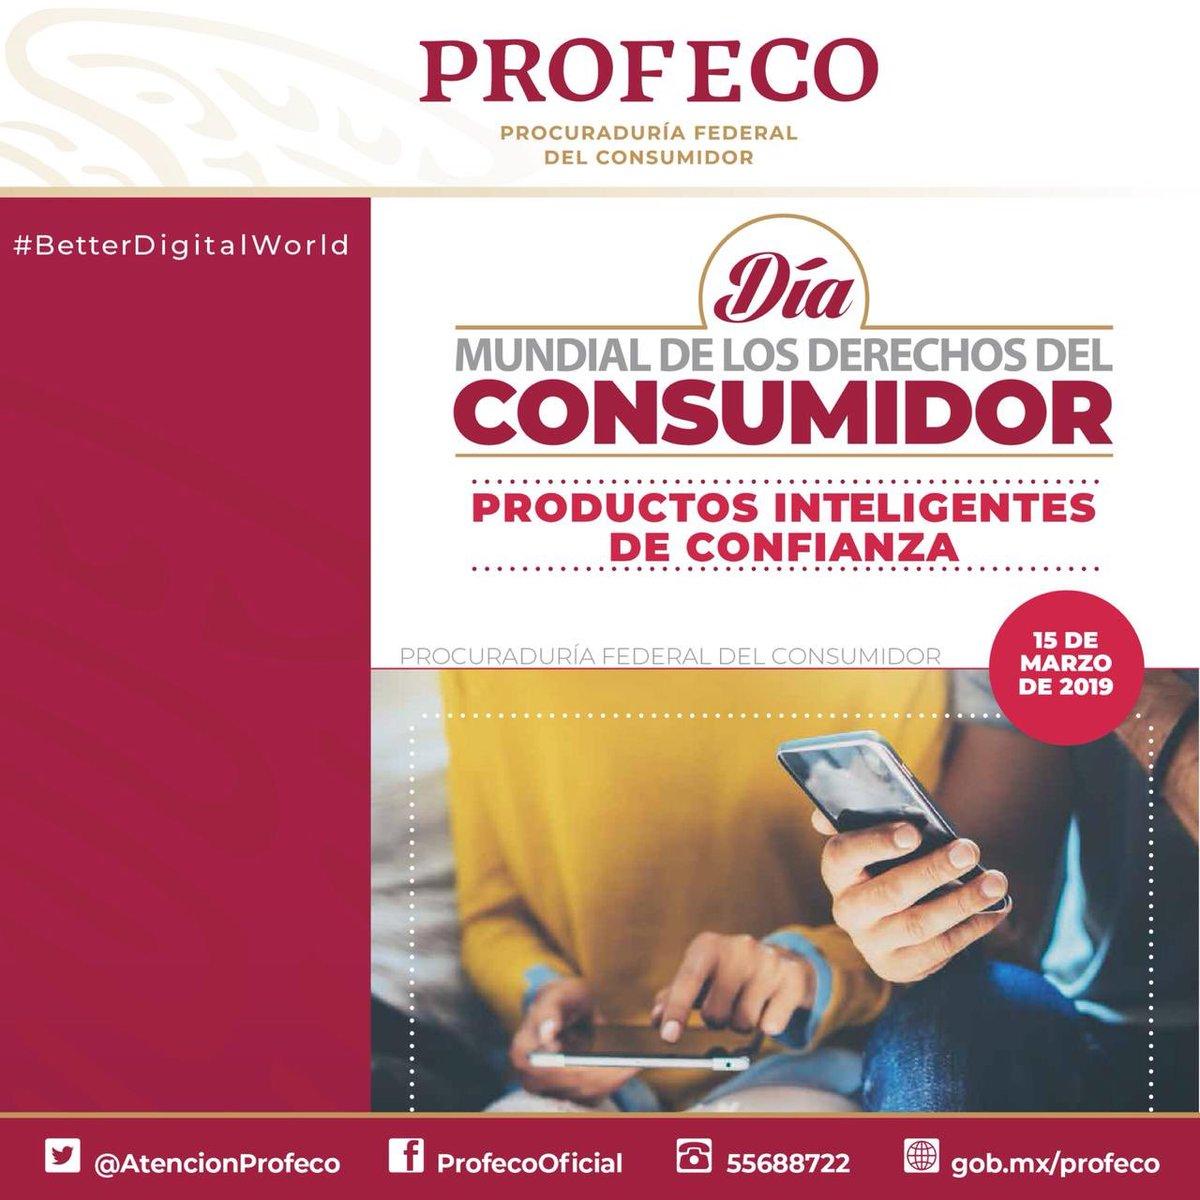 Alejandra Gallardo's photo on Derechos del Consumidor